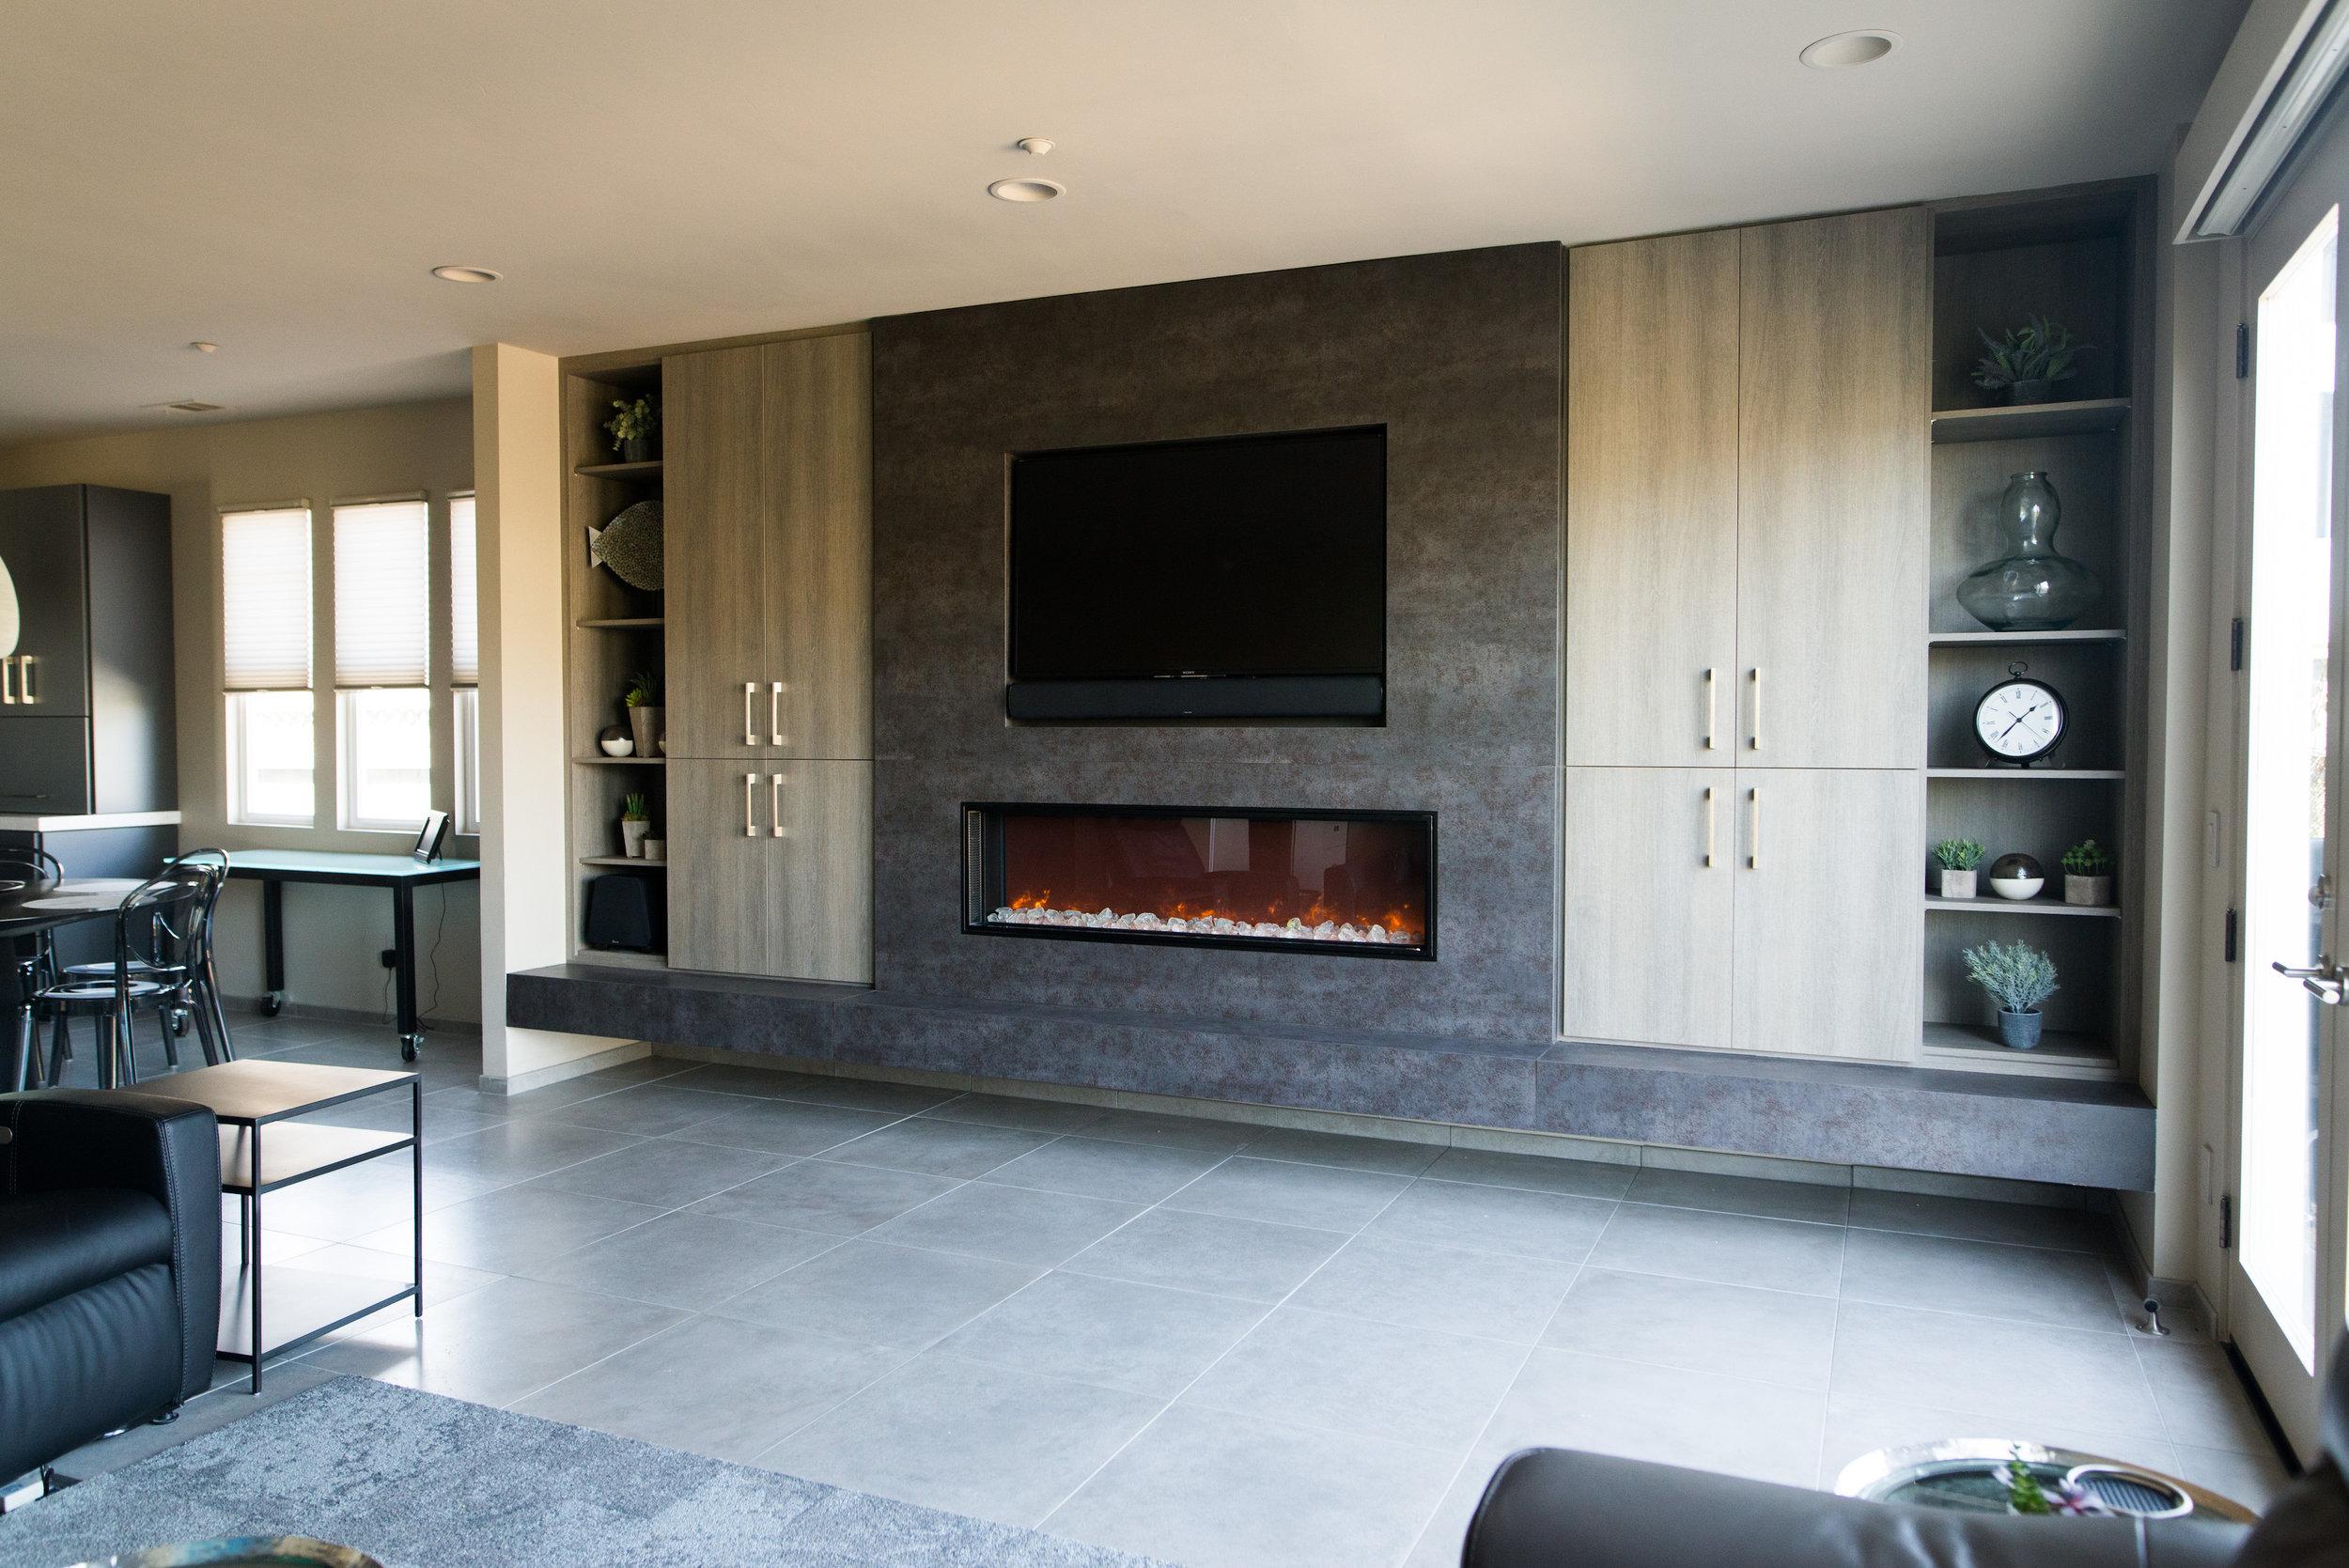 Living Room Design - Cody Design Studio San Luis Obispo